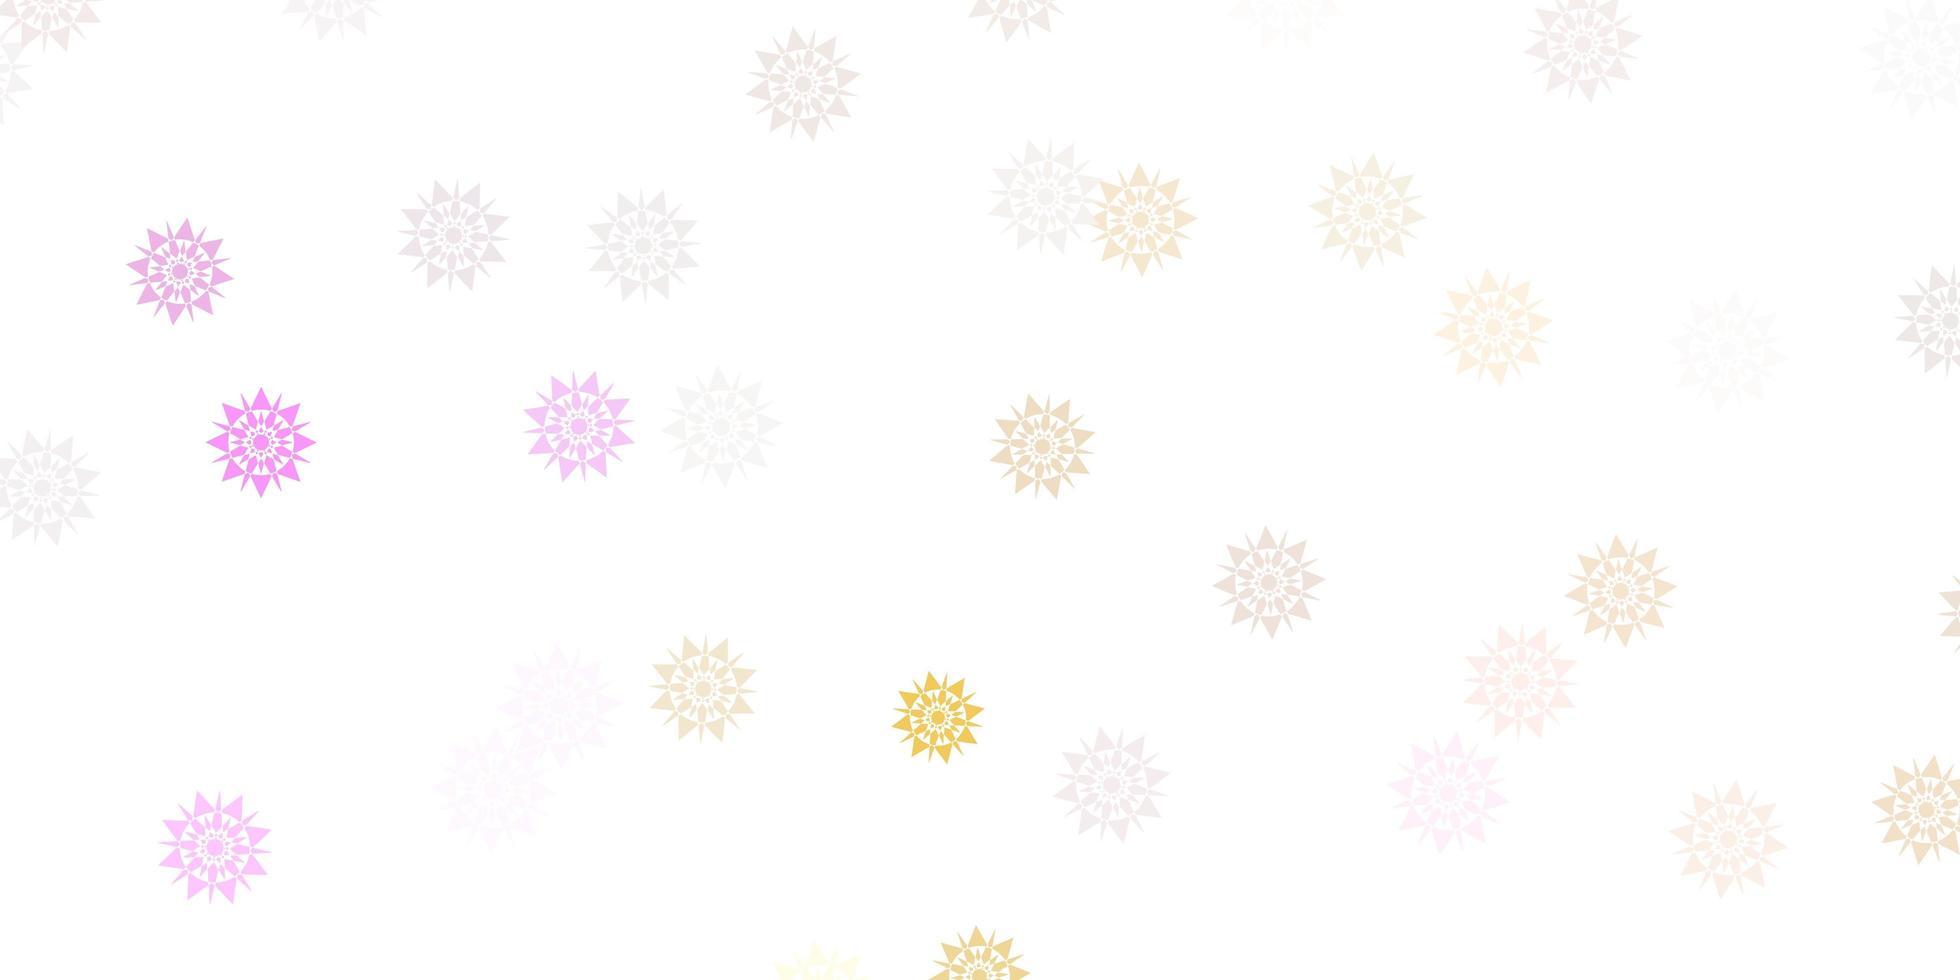 hellrosa, gelber Vektor schöner Schneeflockenhintergrund mit Blumen.